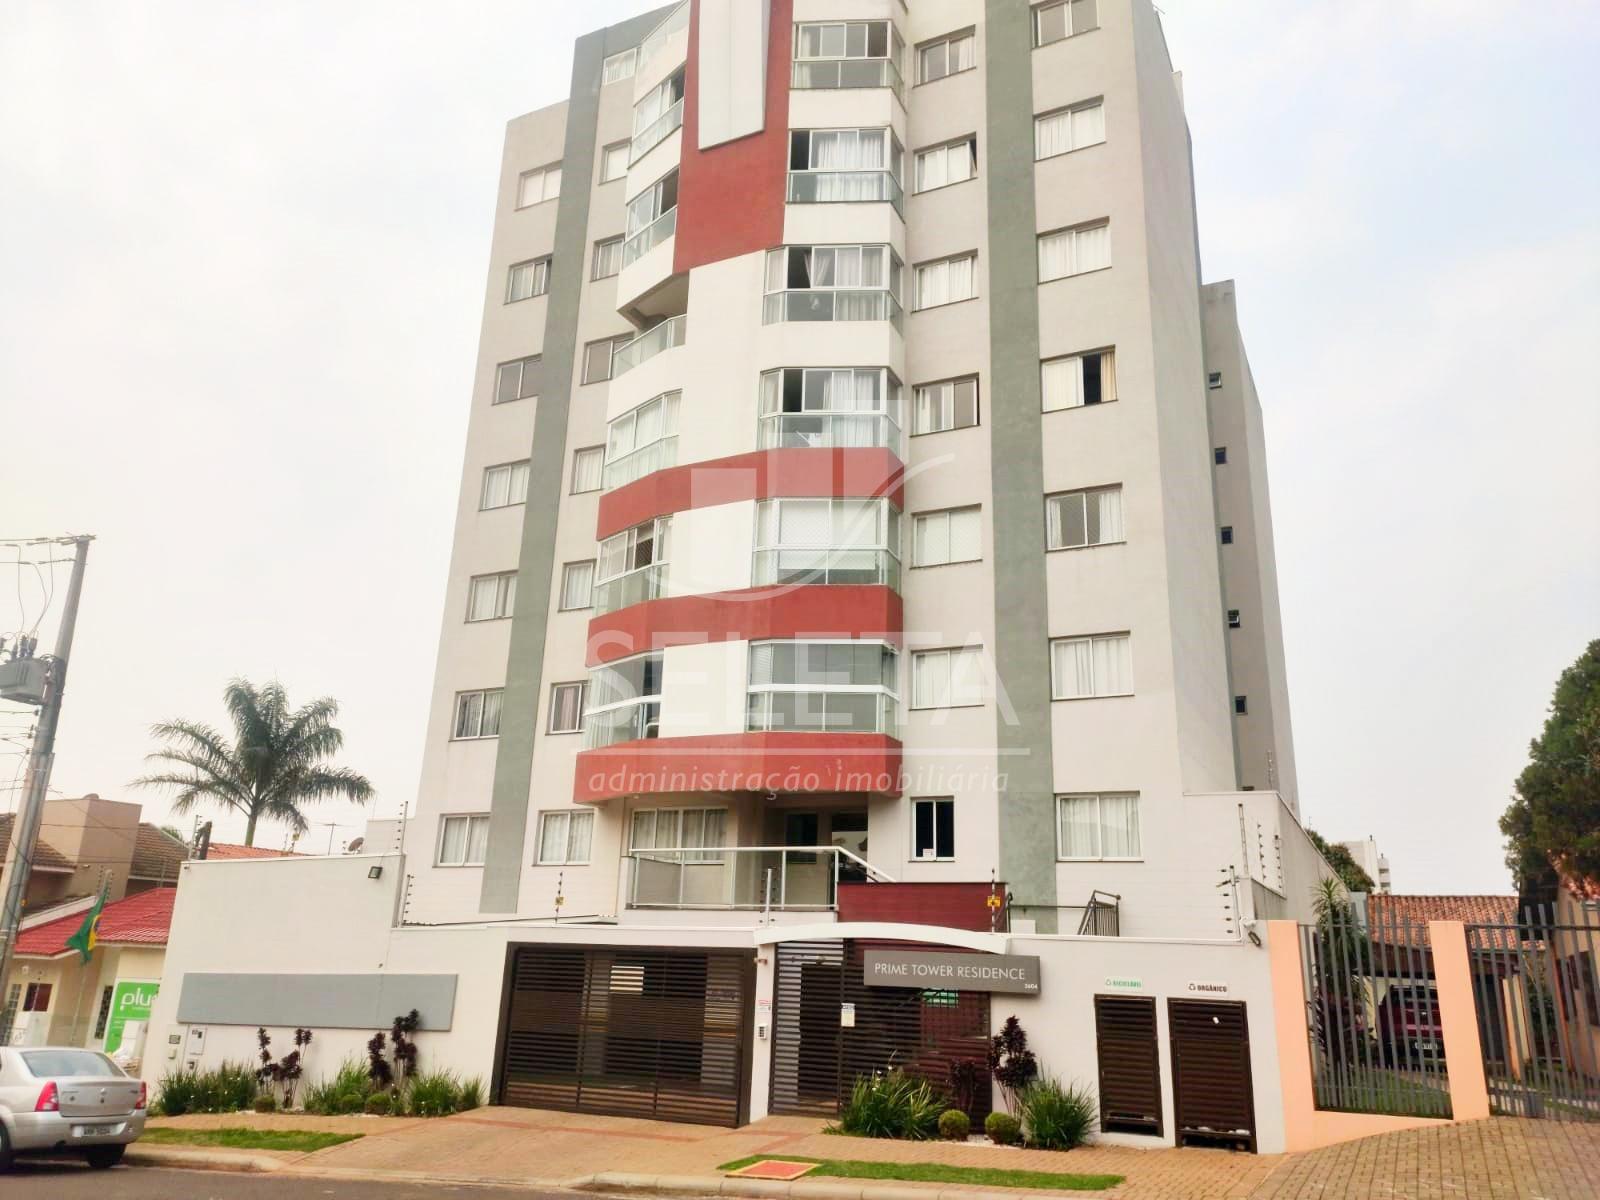 Apartamento com 2 dormitórios para locação, CENTRO, CASCAVEL - PR